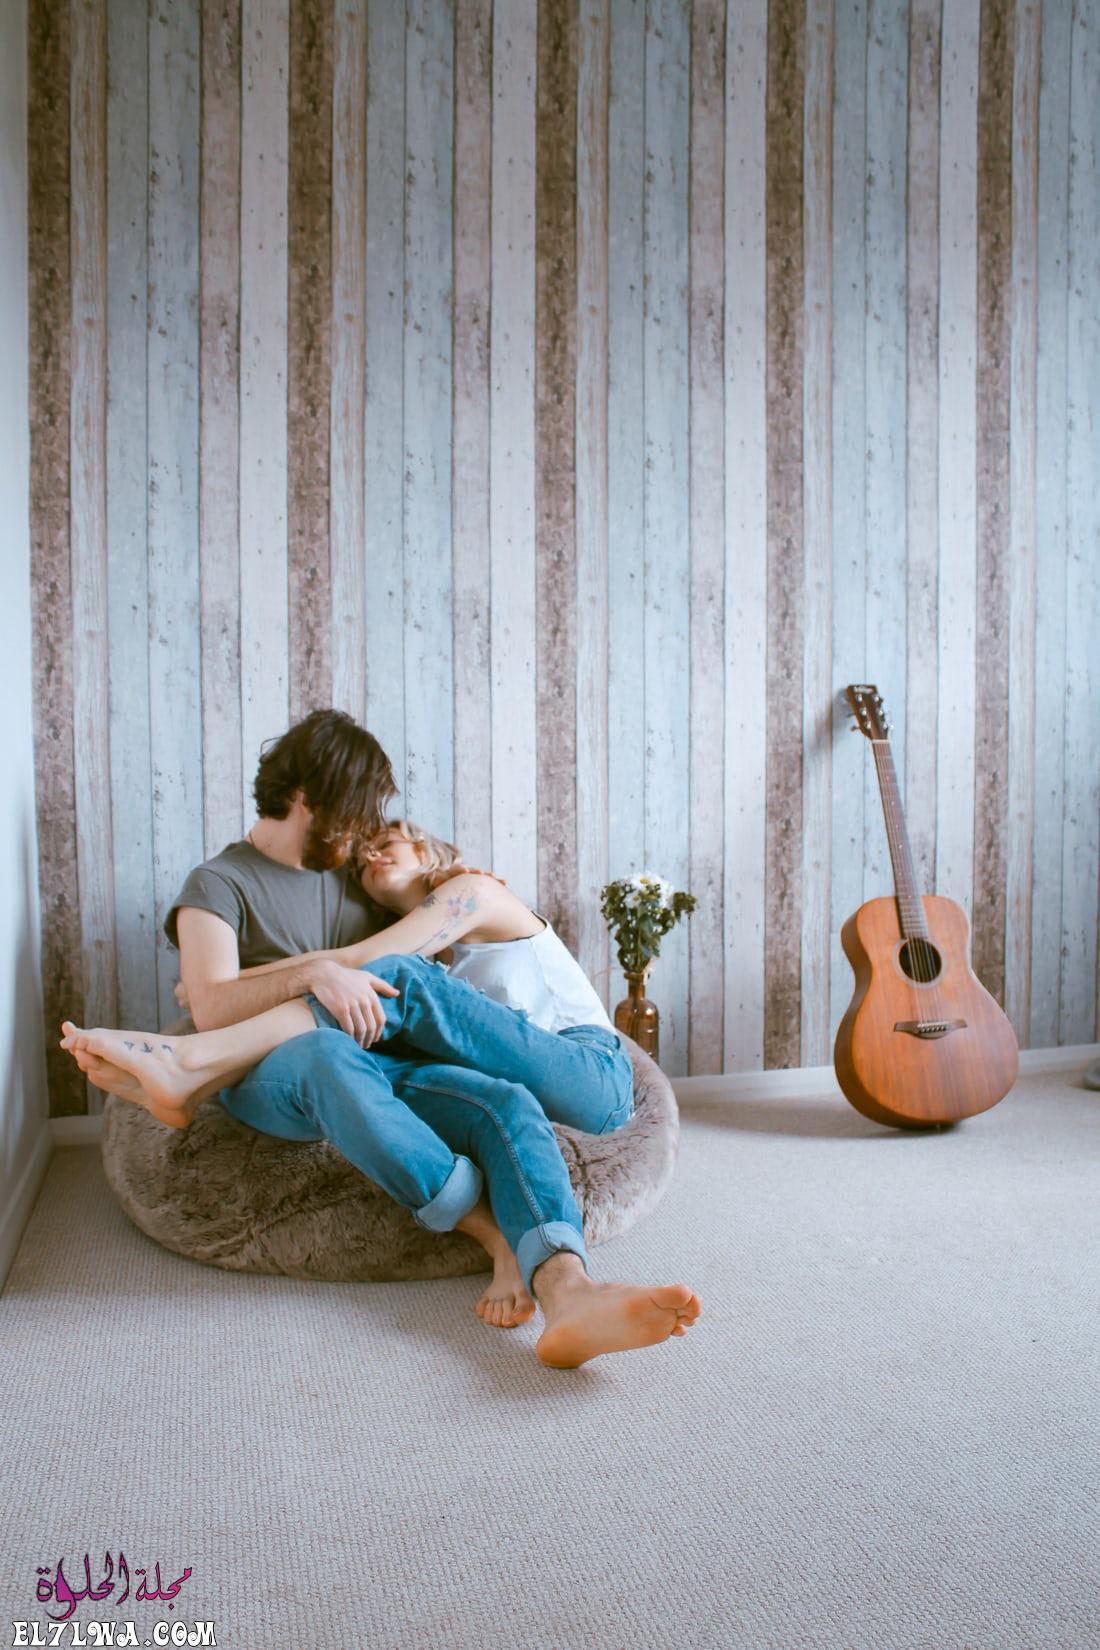 تحميل اجمل الصور المعبرة عن الحب